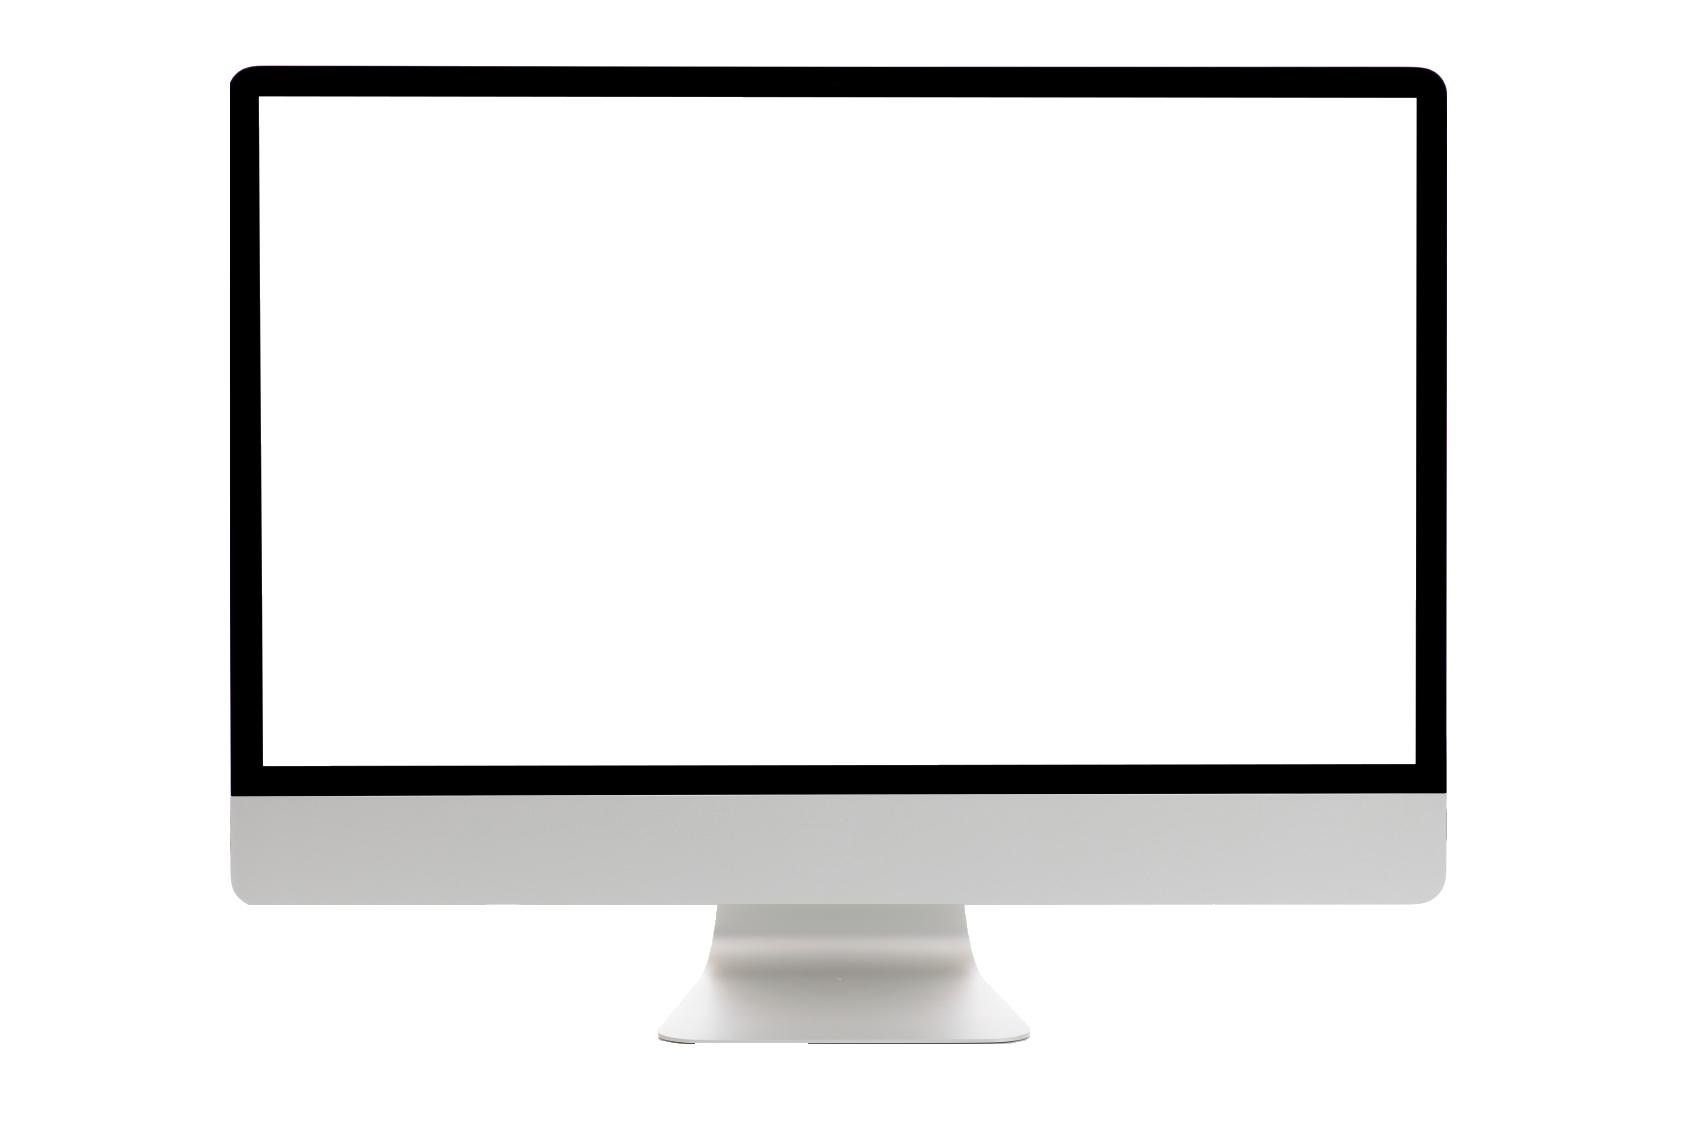 Mac template dawaydabrowa mac template flashek Gallery